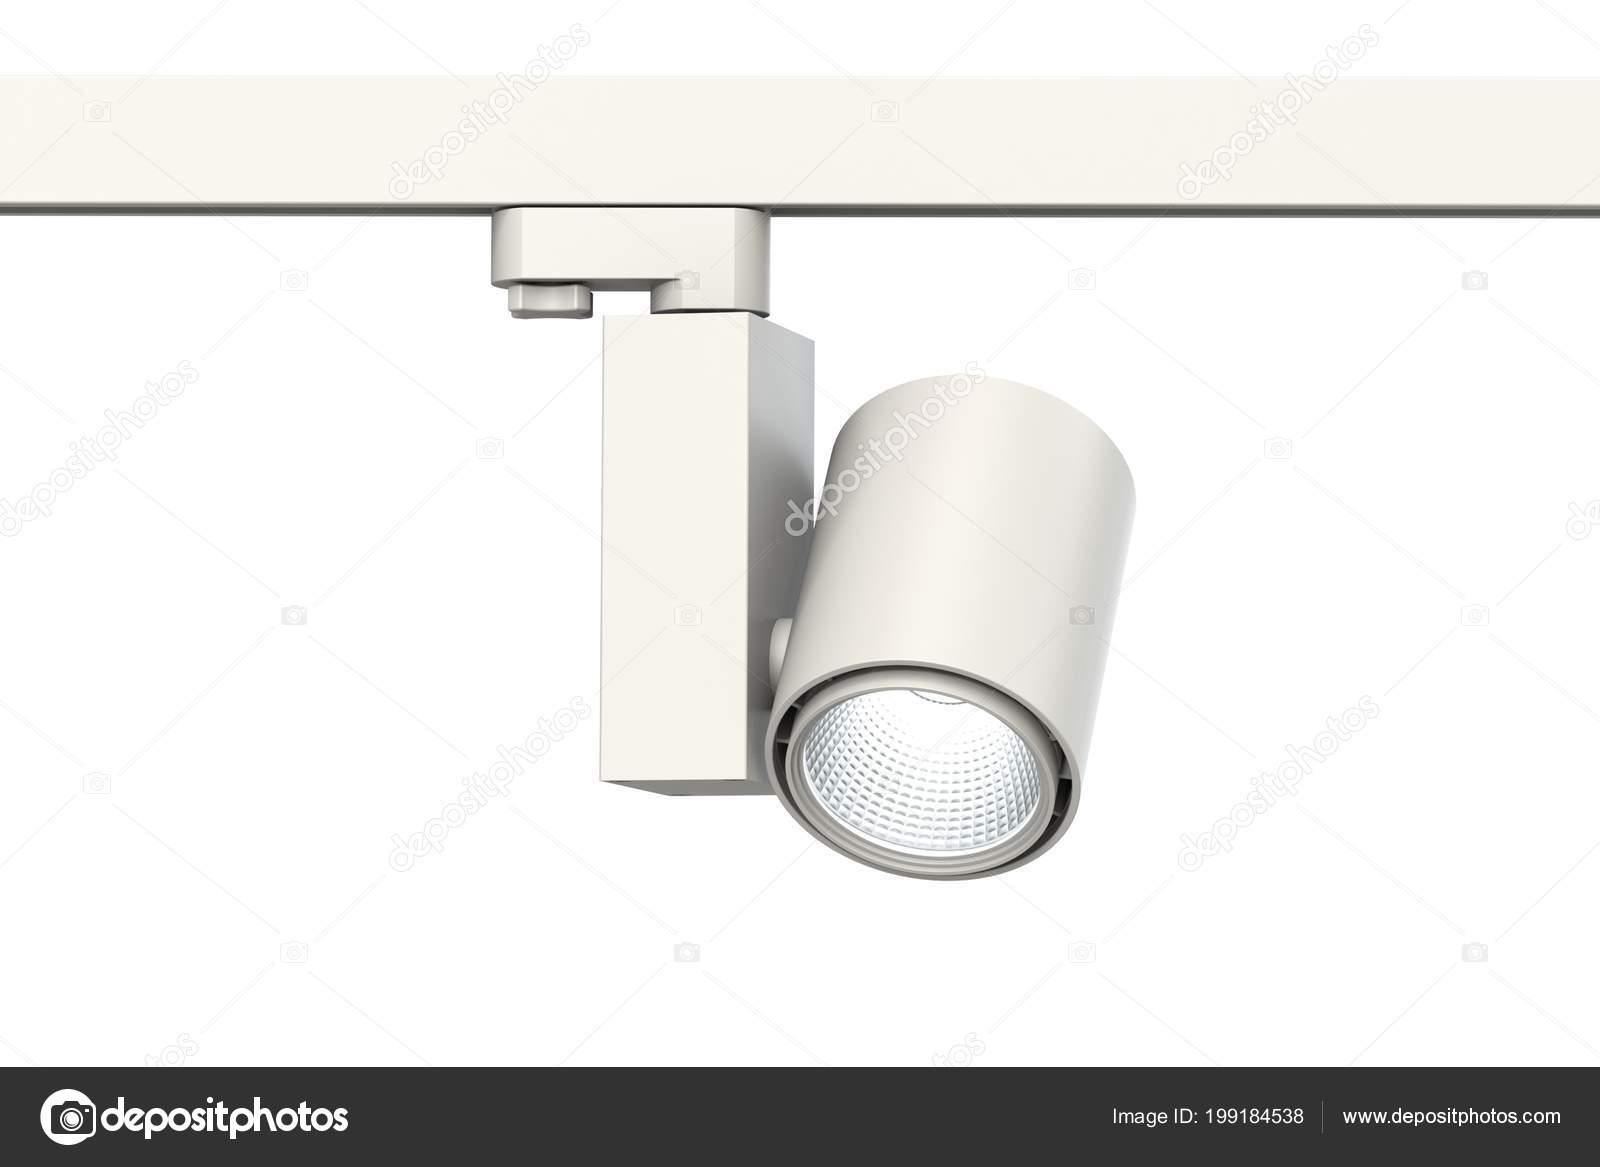 Exhibition Light D Model : Lamp led white track light lighting exhibition spaces shops white